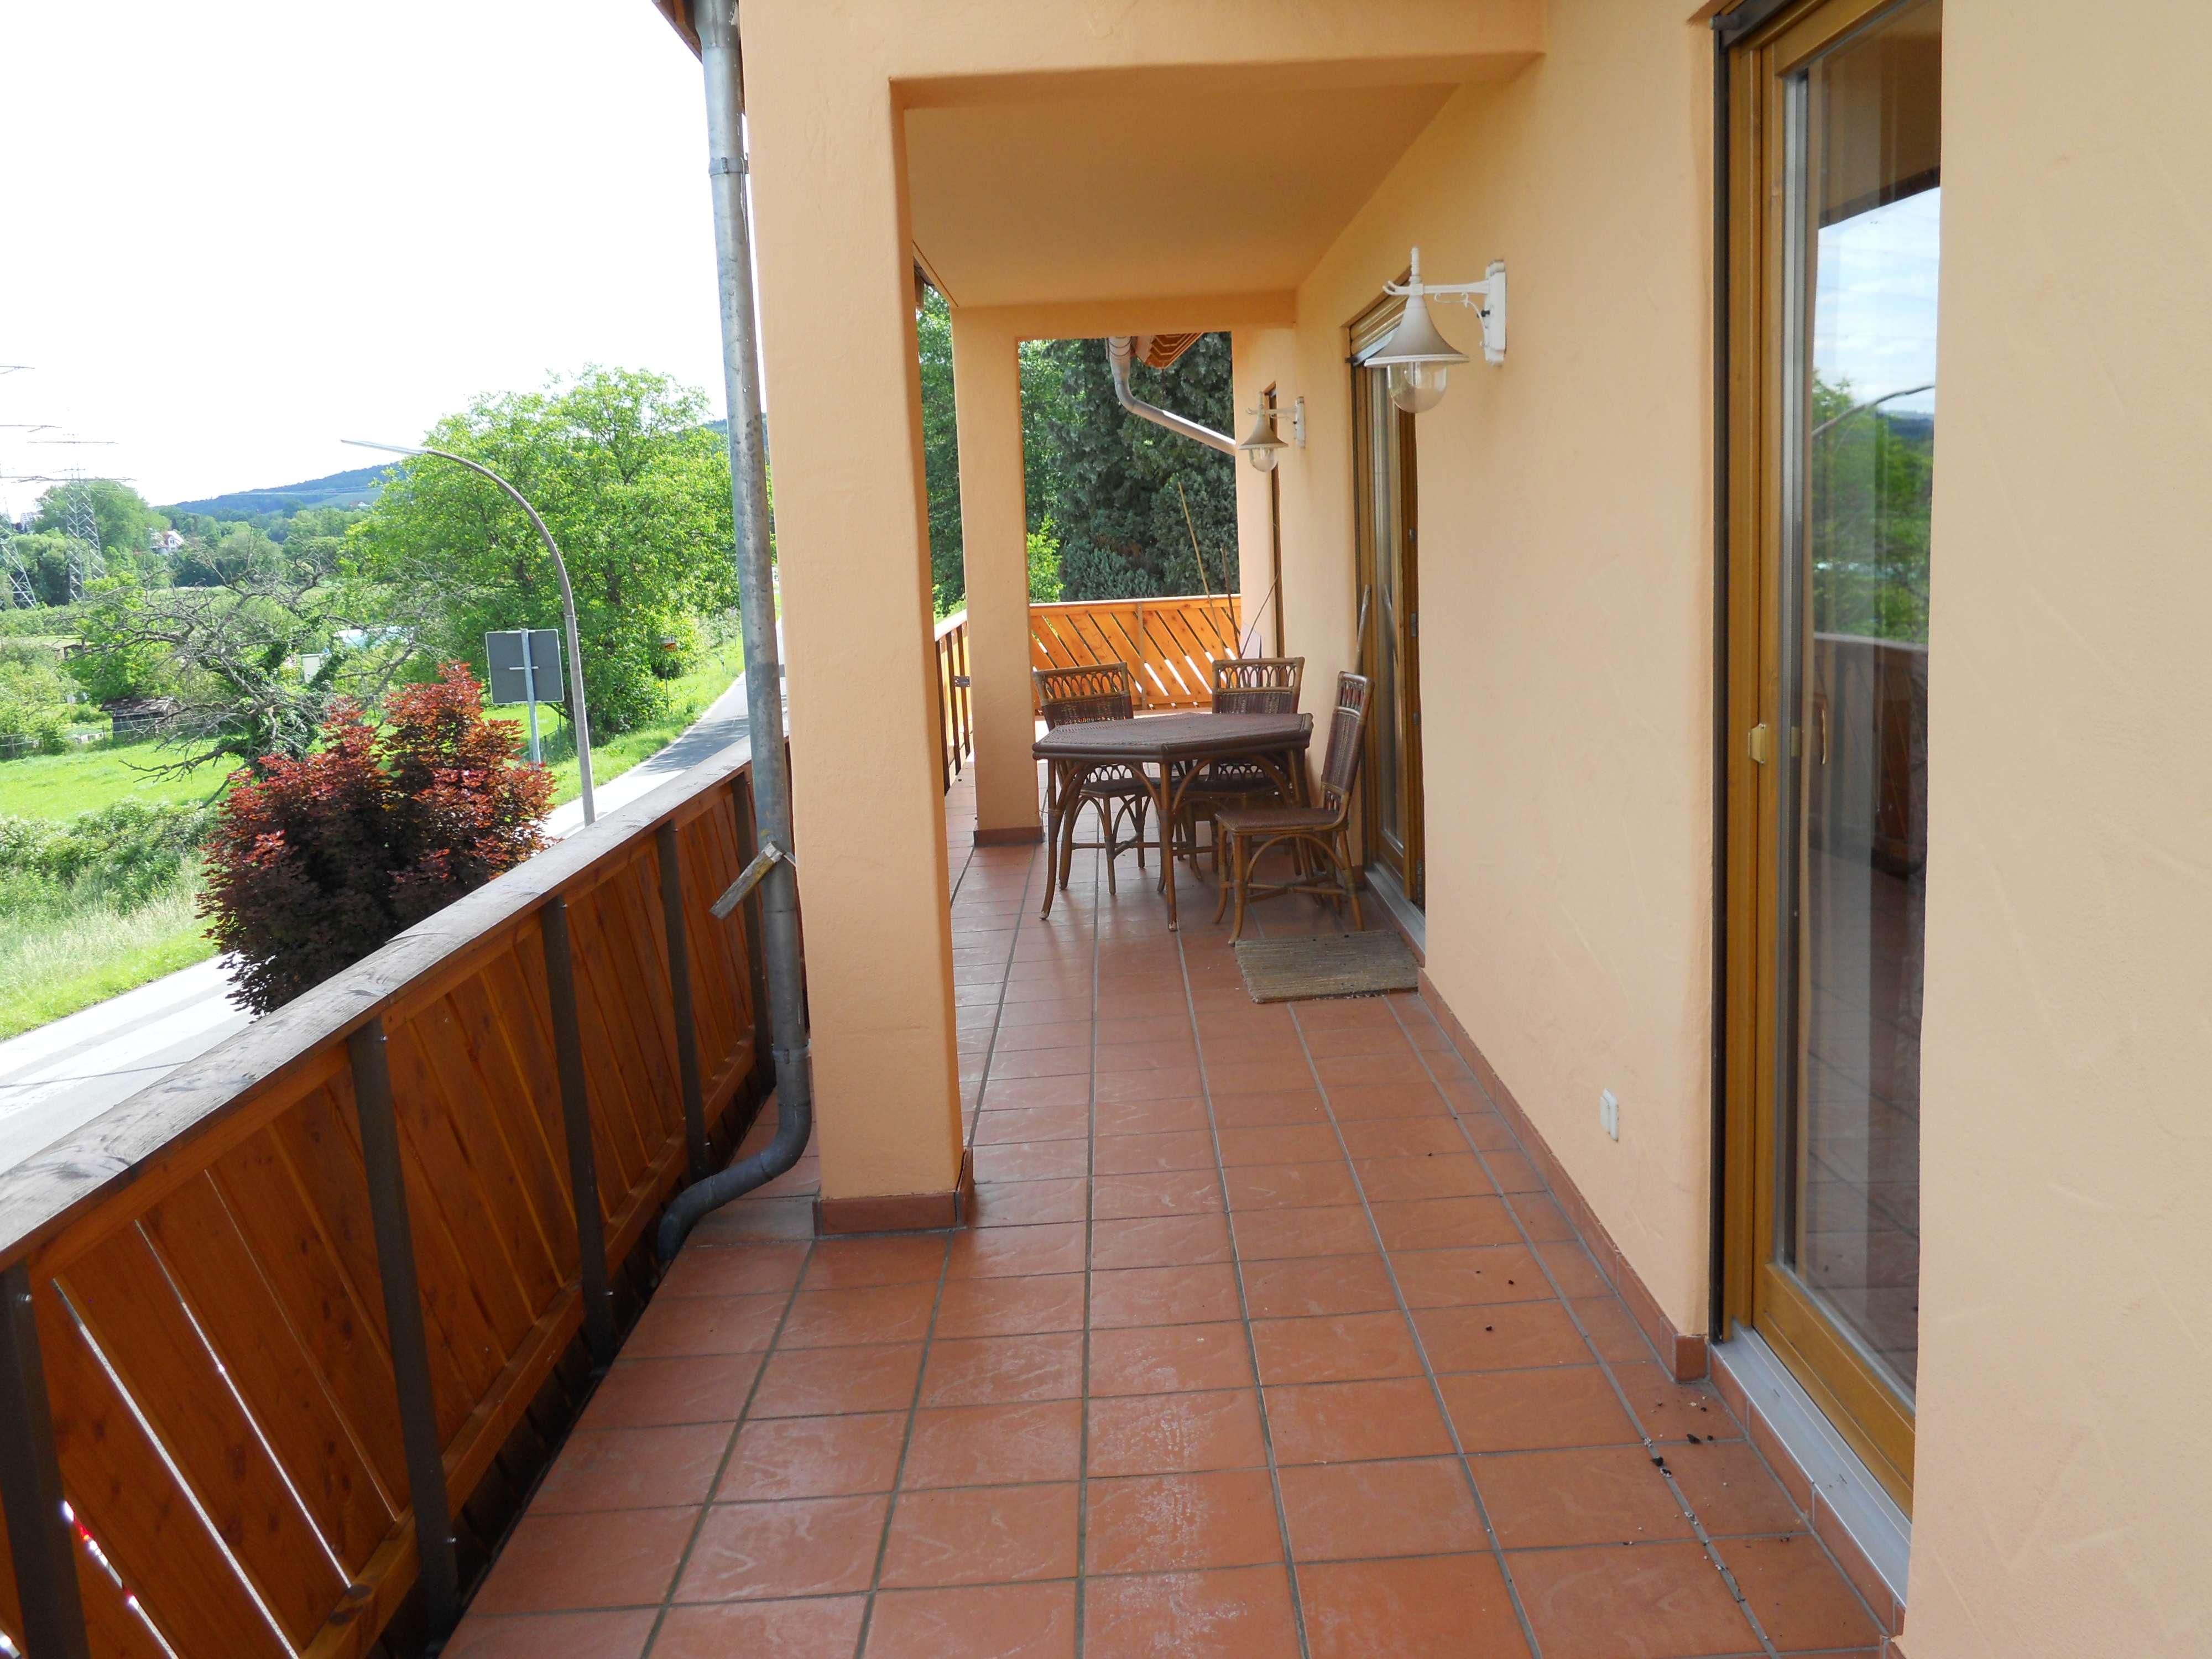 ***Zentrumsnahe grosszügige helle Etagenwohnung mit umlaufendem Balkon u. tollem Blick ins Grüne*** in